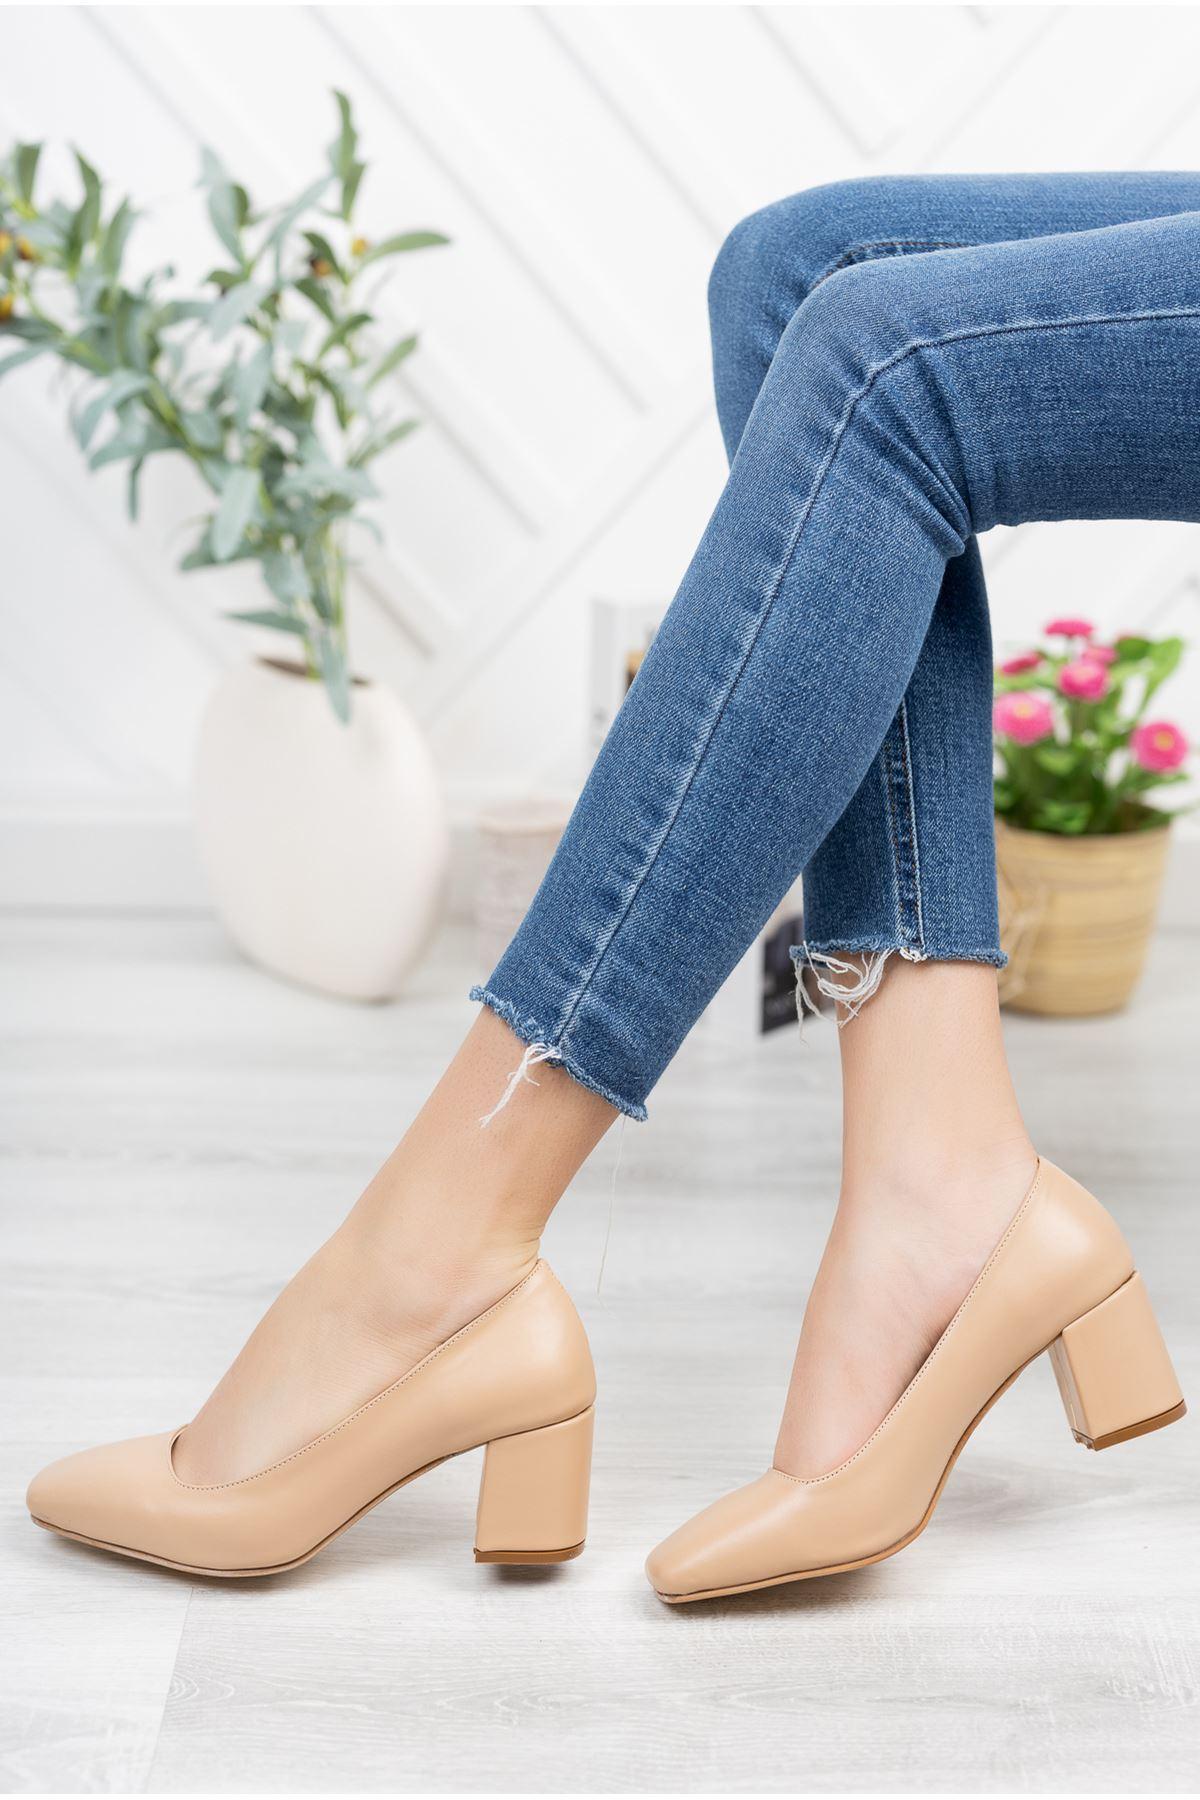 Nude Cilt Kare Kalıp 6 cm Topuklu Ayakkabı